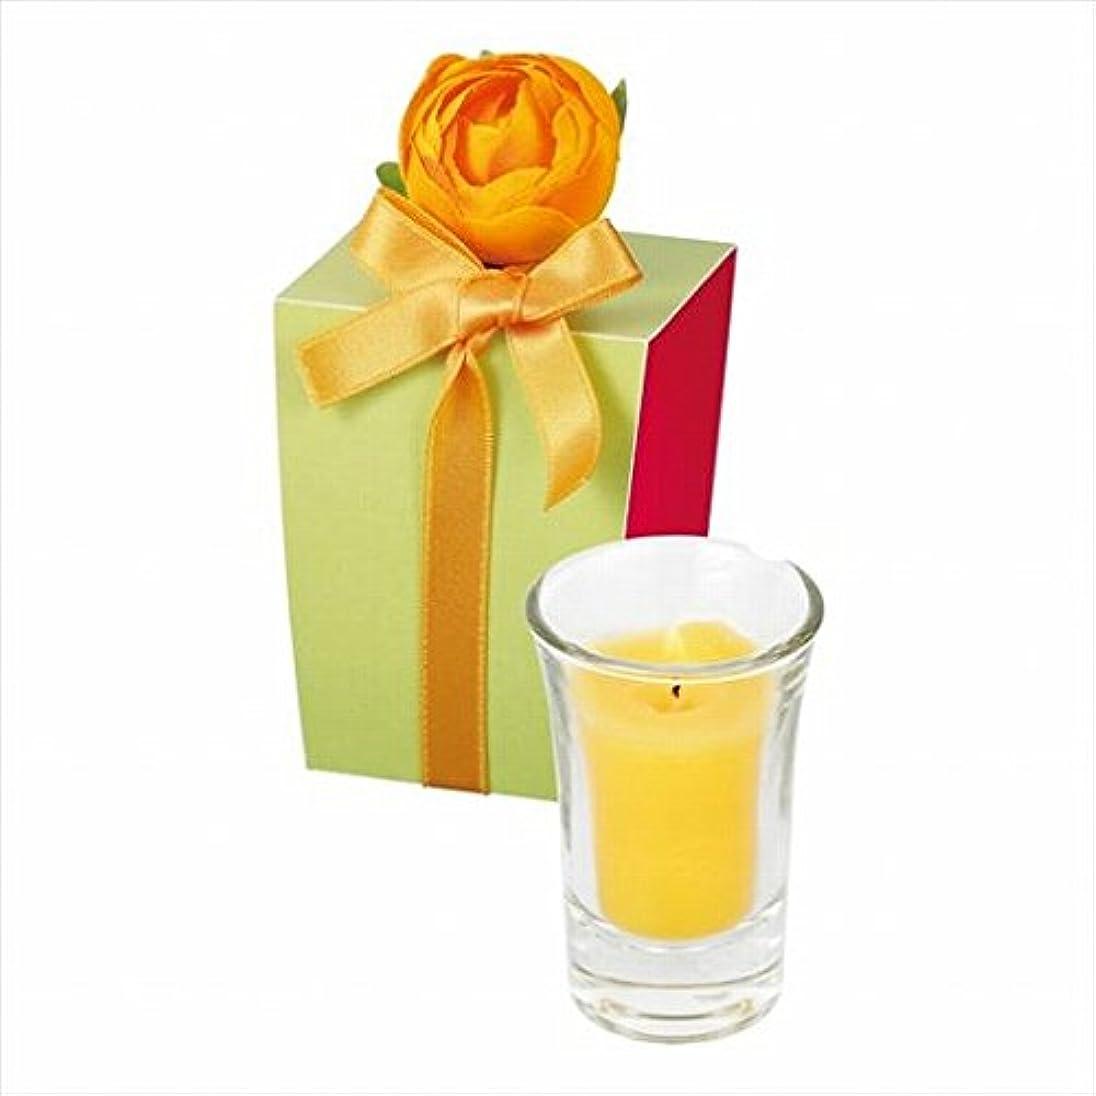 骨折花火求人カメヤマキャンドル(kameyama candle) ラナンキュラスグラスキャンドル 「 イエロー 」